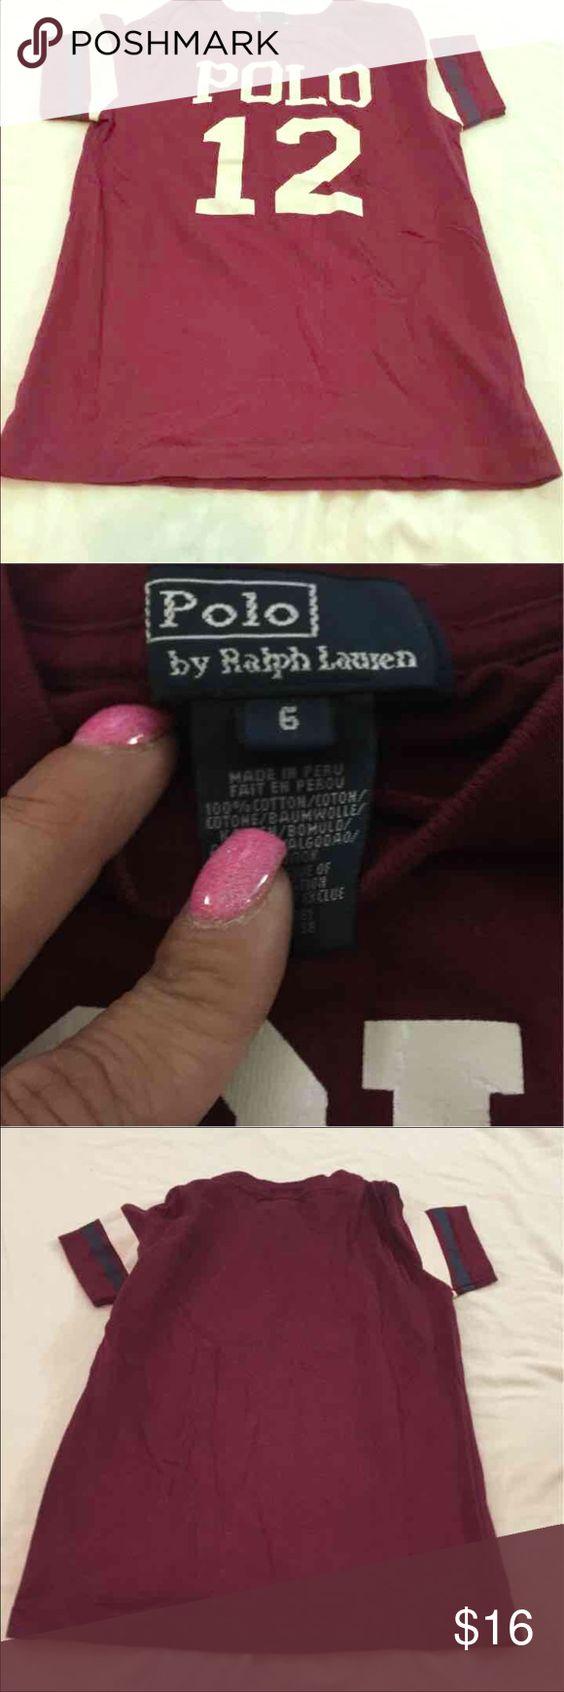 Polo tee shirt boys Sz 6 Boys nice polo tee Polo by Ralph Lauren Shirts & Tops Tees - Short Sleeve